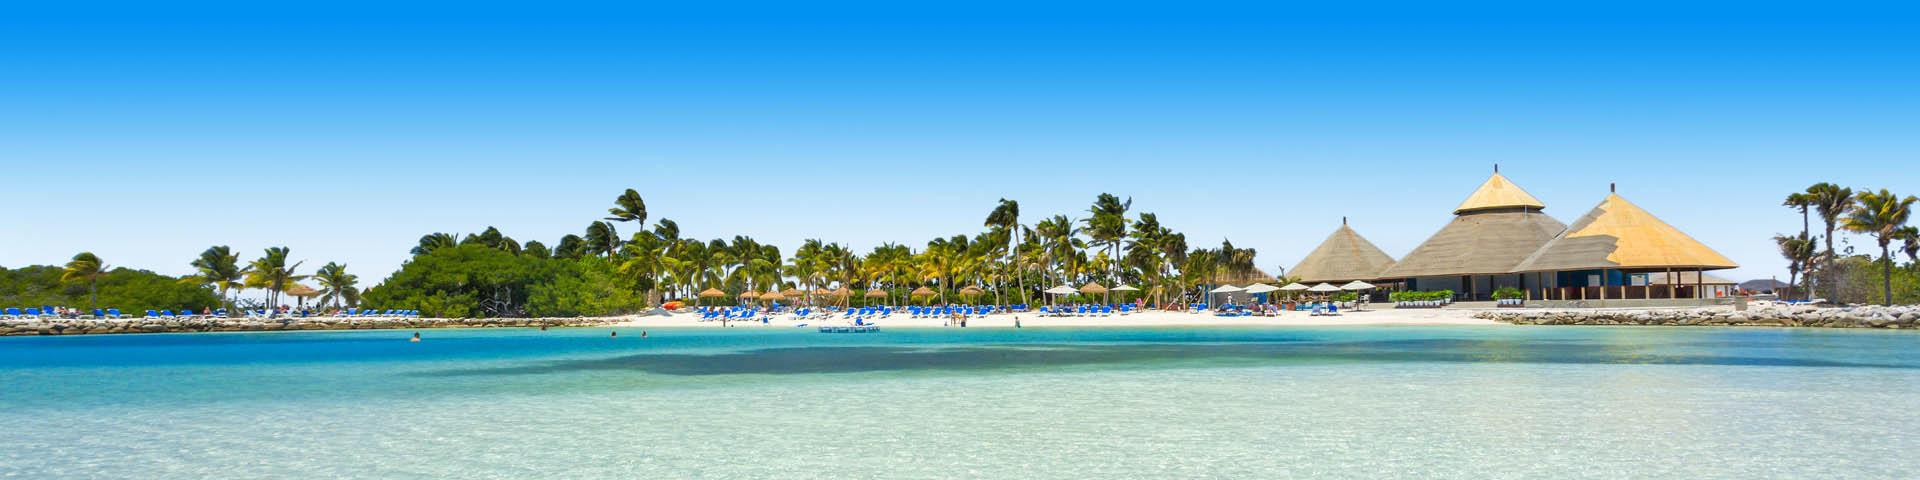 Helderblauwe zee aan de kust van een Caribisch eiland met palbomen en wit zandstrand